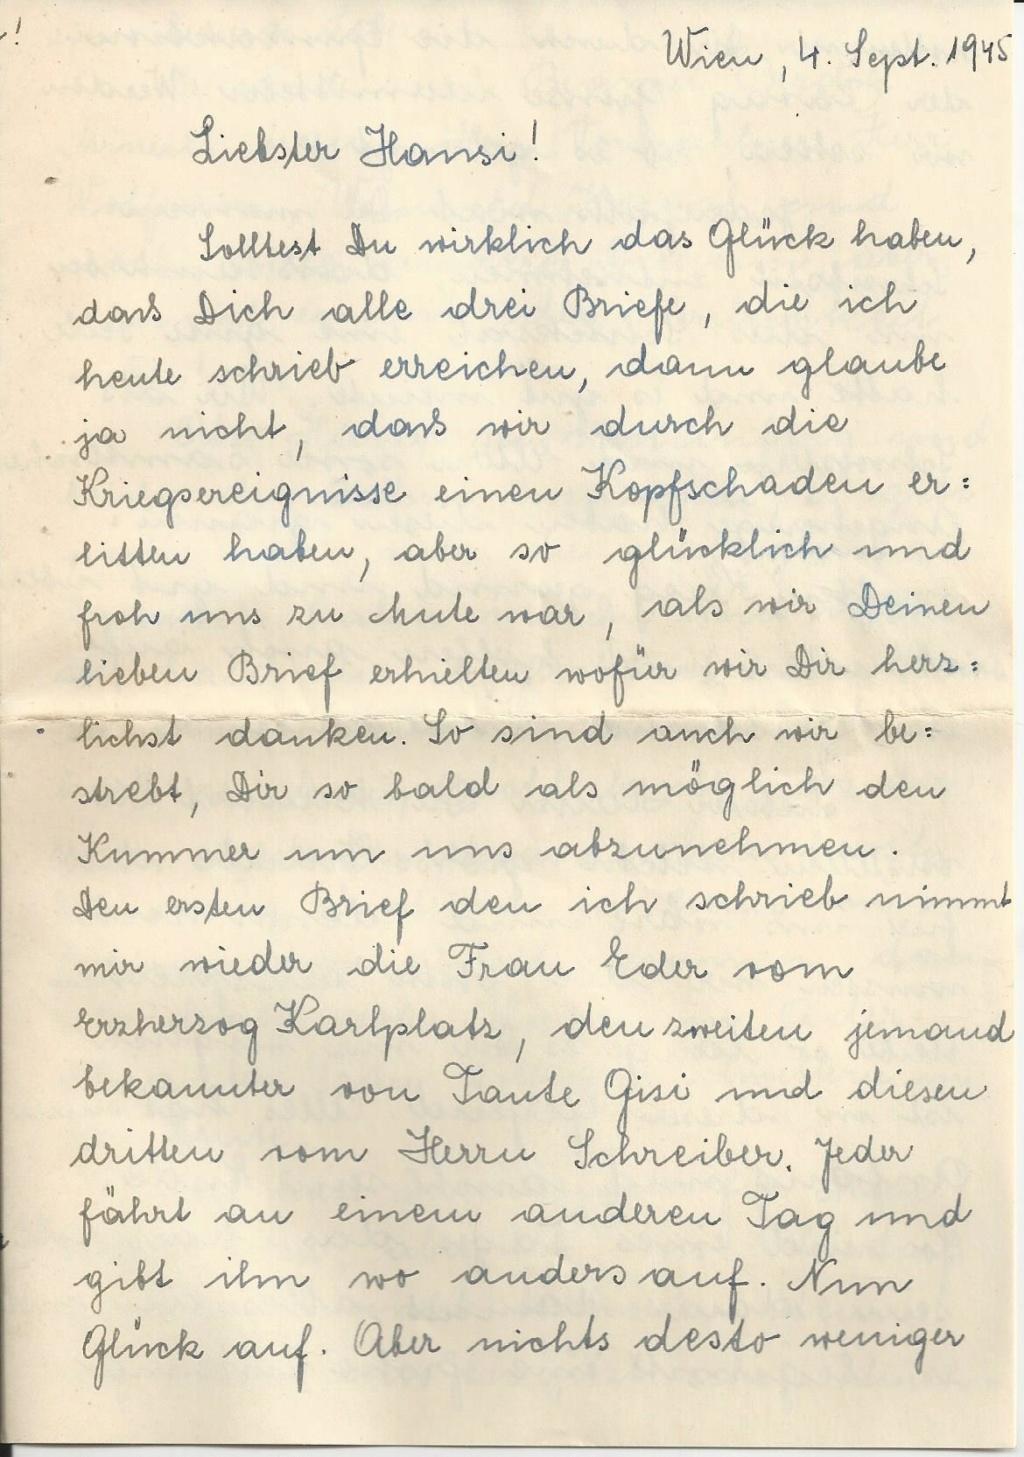 Sammlung Bedarfsbriefe Österreich ab 1945 - Seite 13 Bild_352